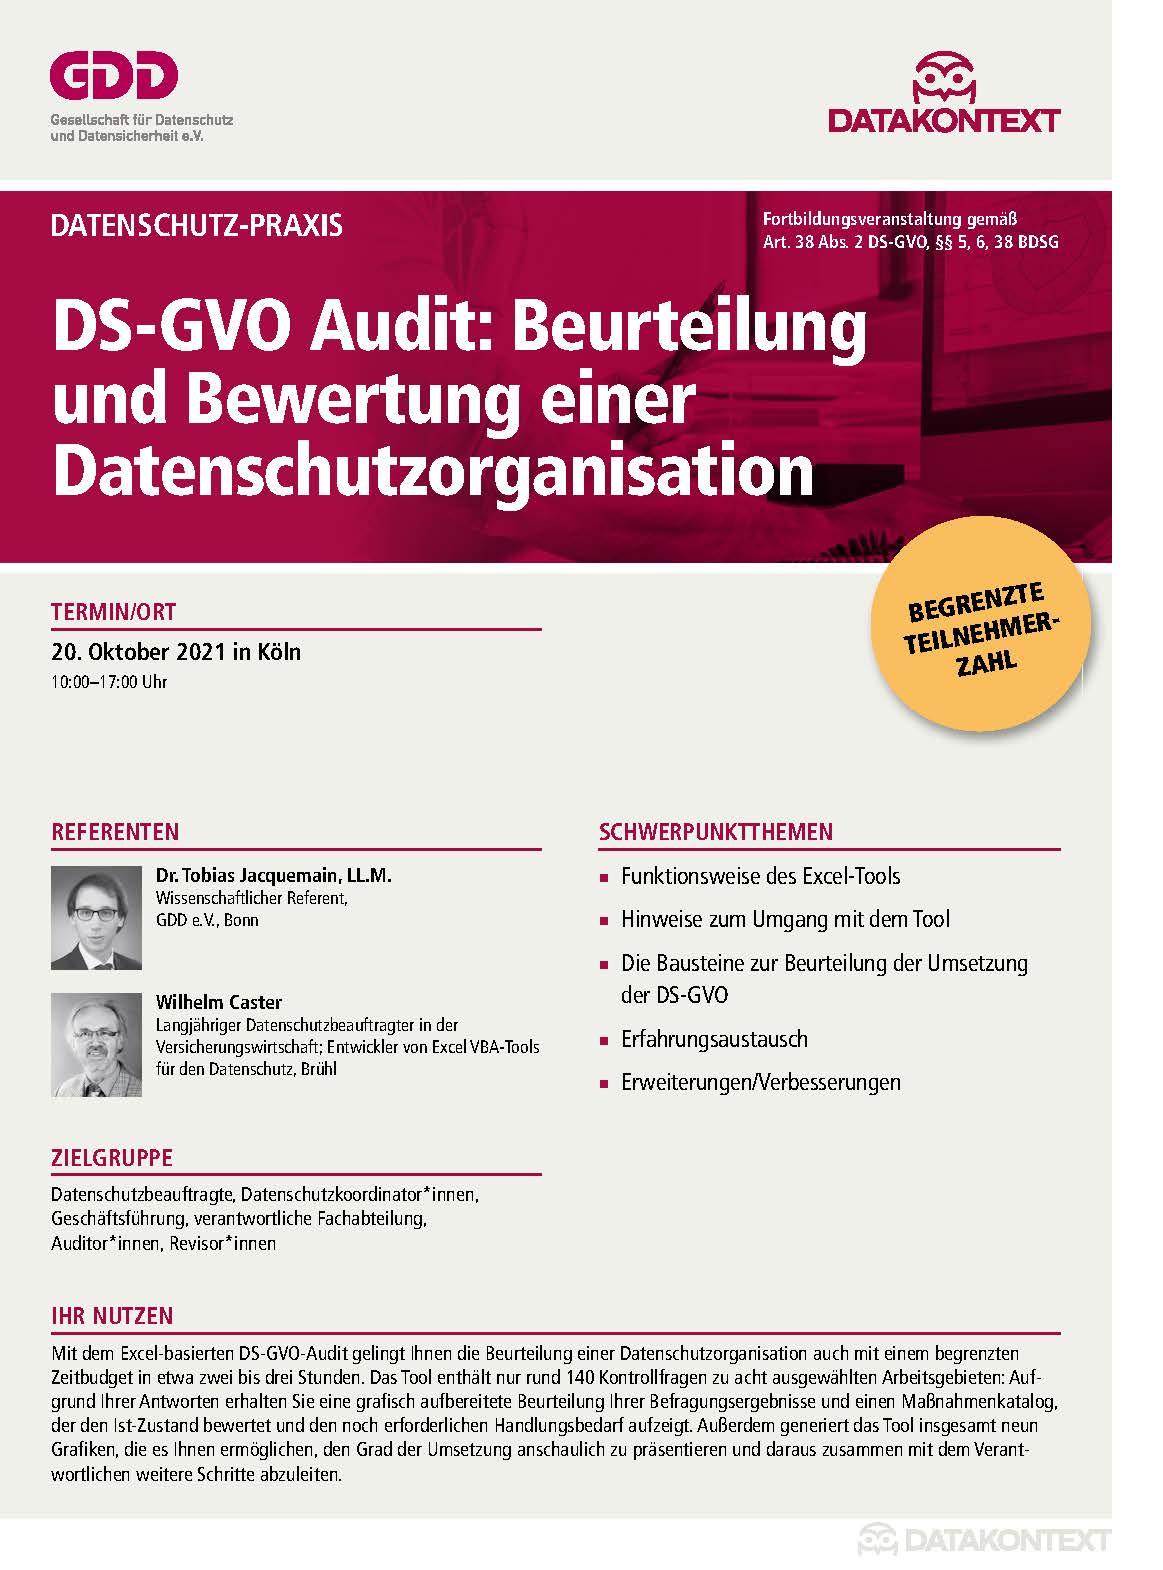 DS-GVO Audit: Beurteilung und Bewertung einer Datenschutzorganisation